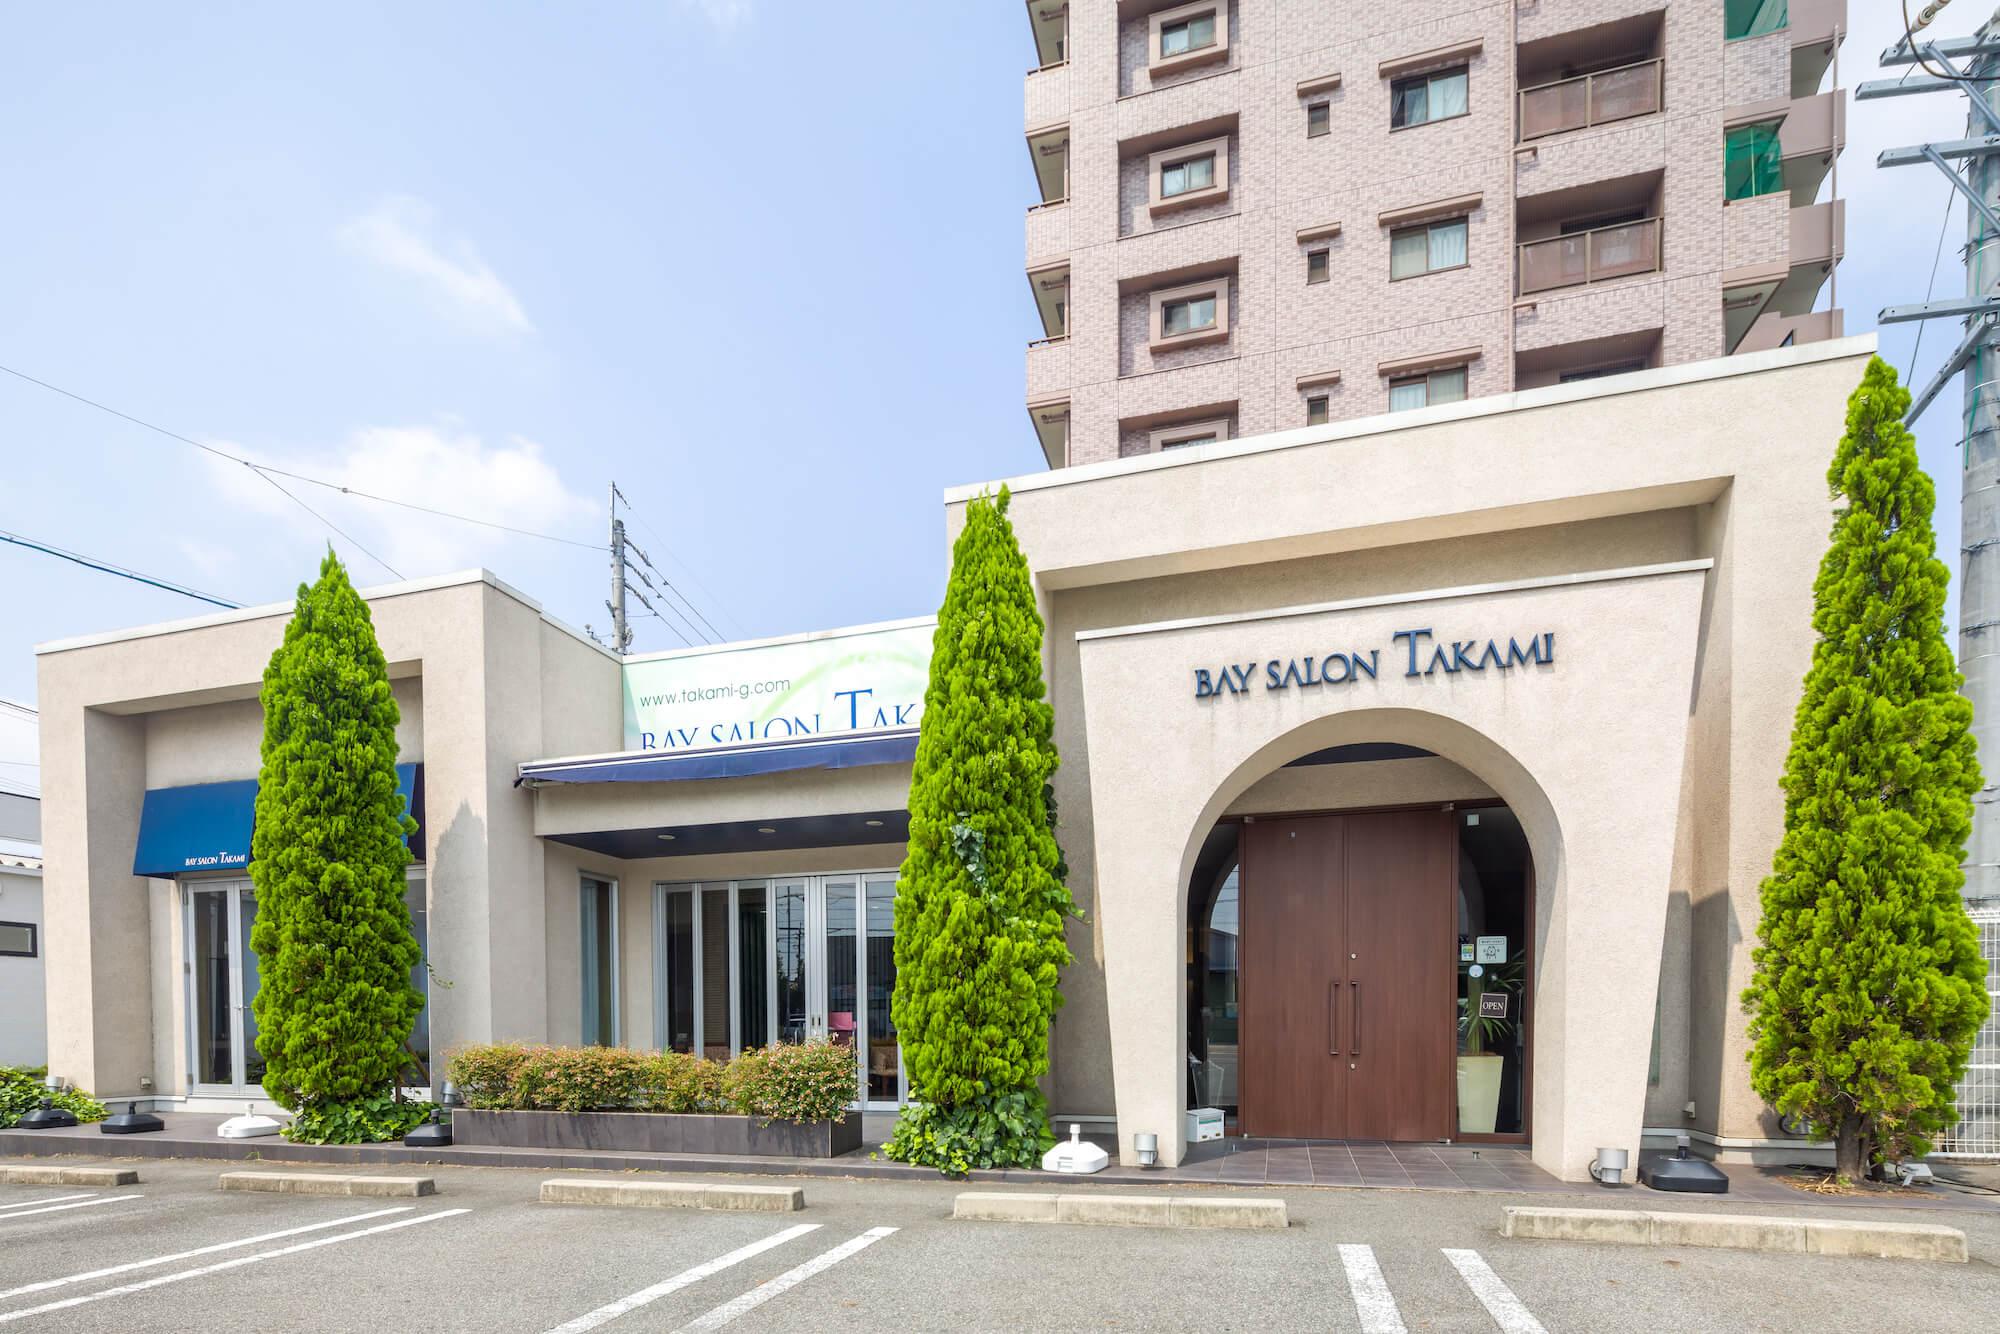 BAY SALON TAKAMI 店舗画像